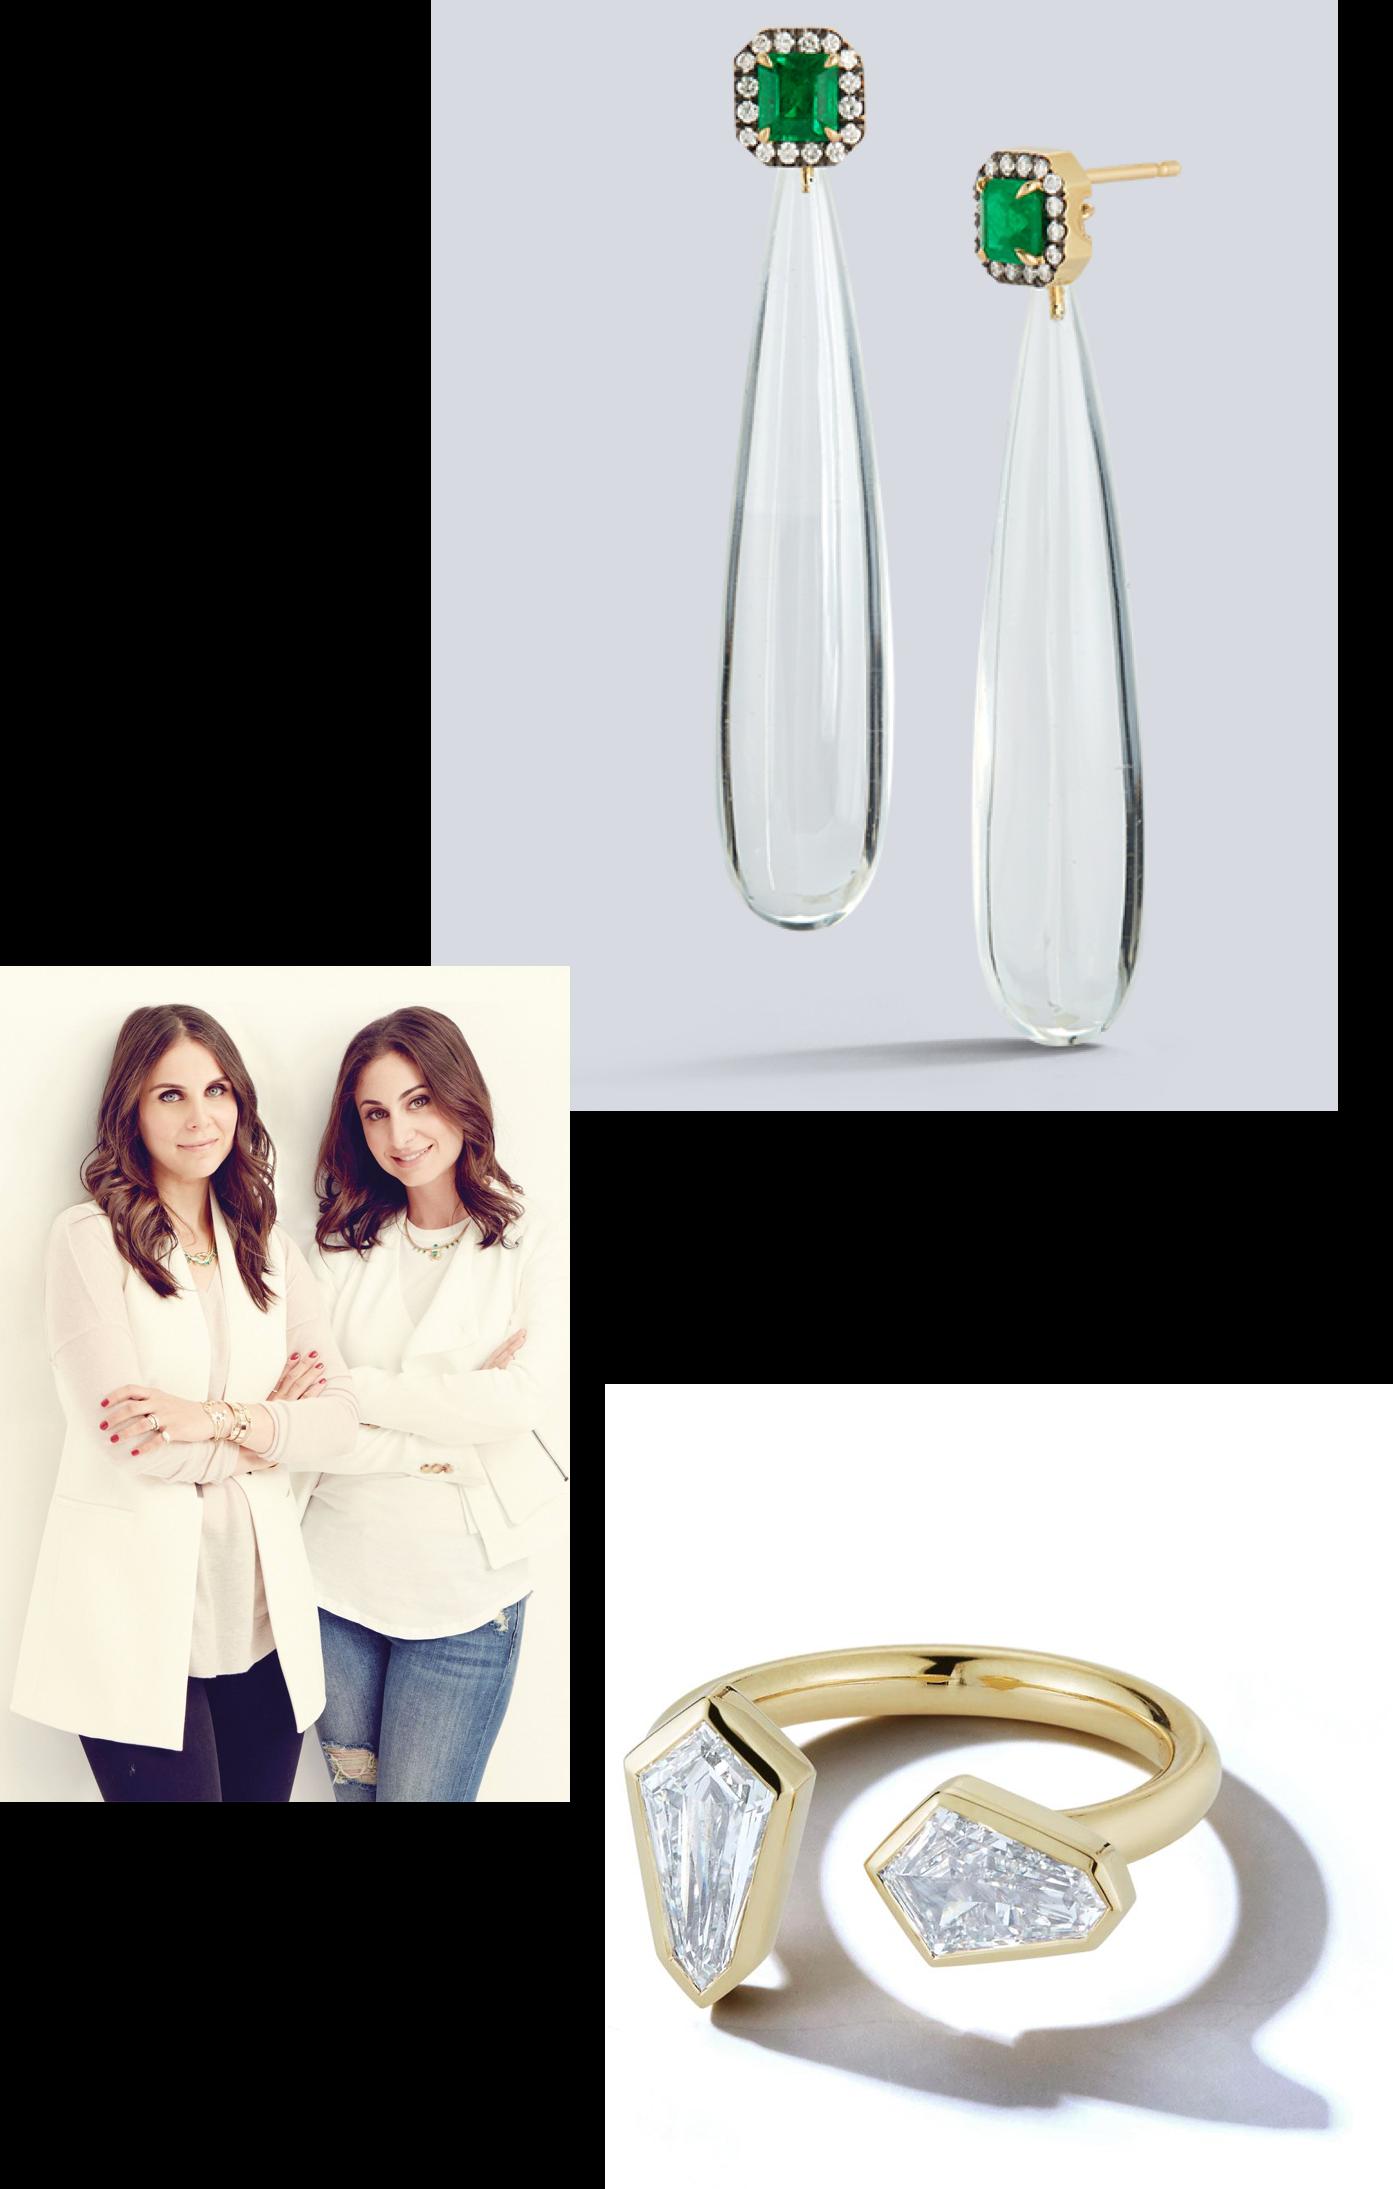 Women in Jewelry: Jemma Wynne